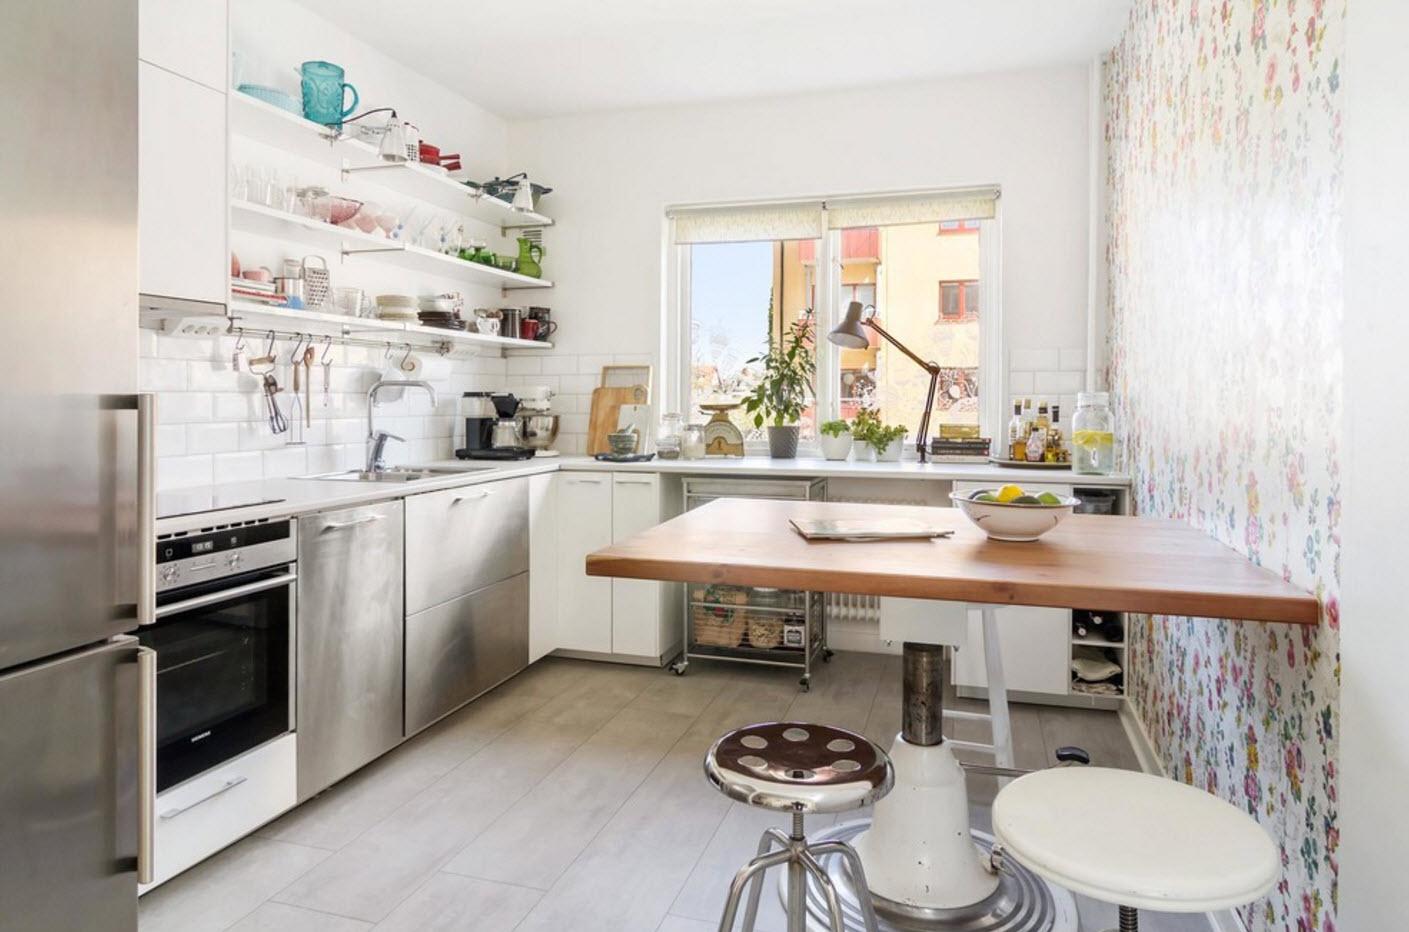 столешница вместо подоконника на кухне дизайн